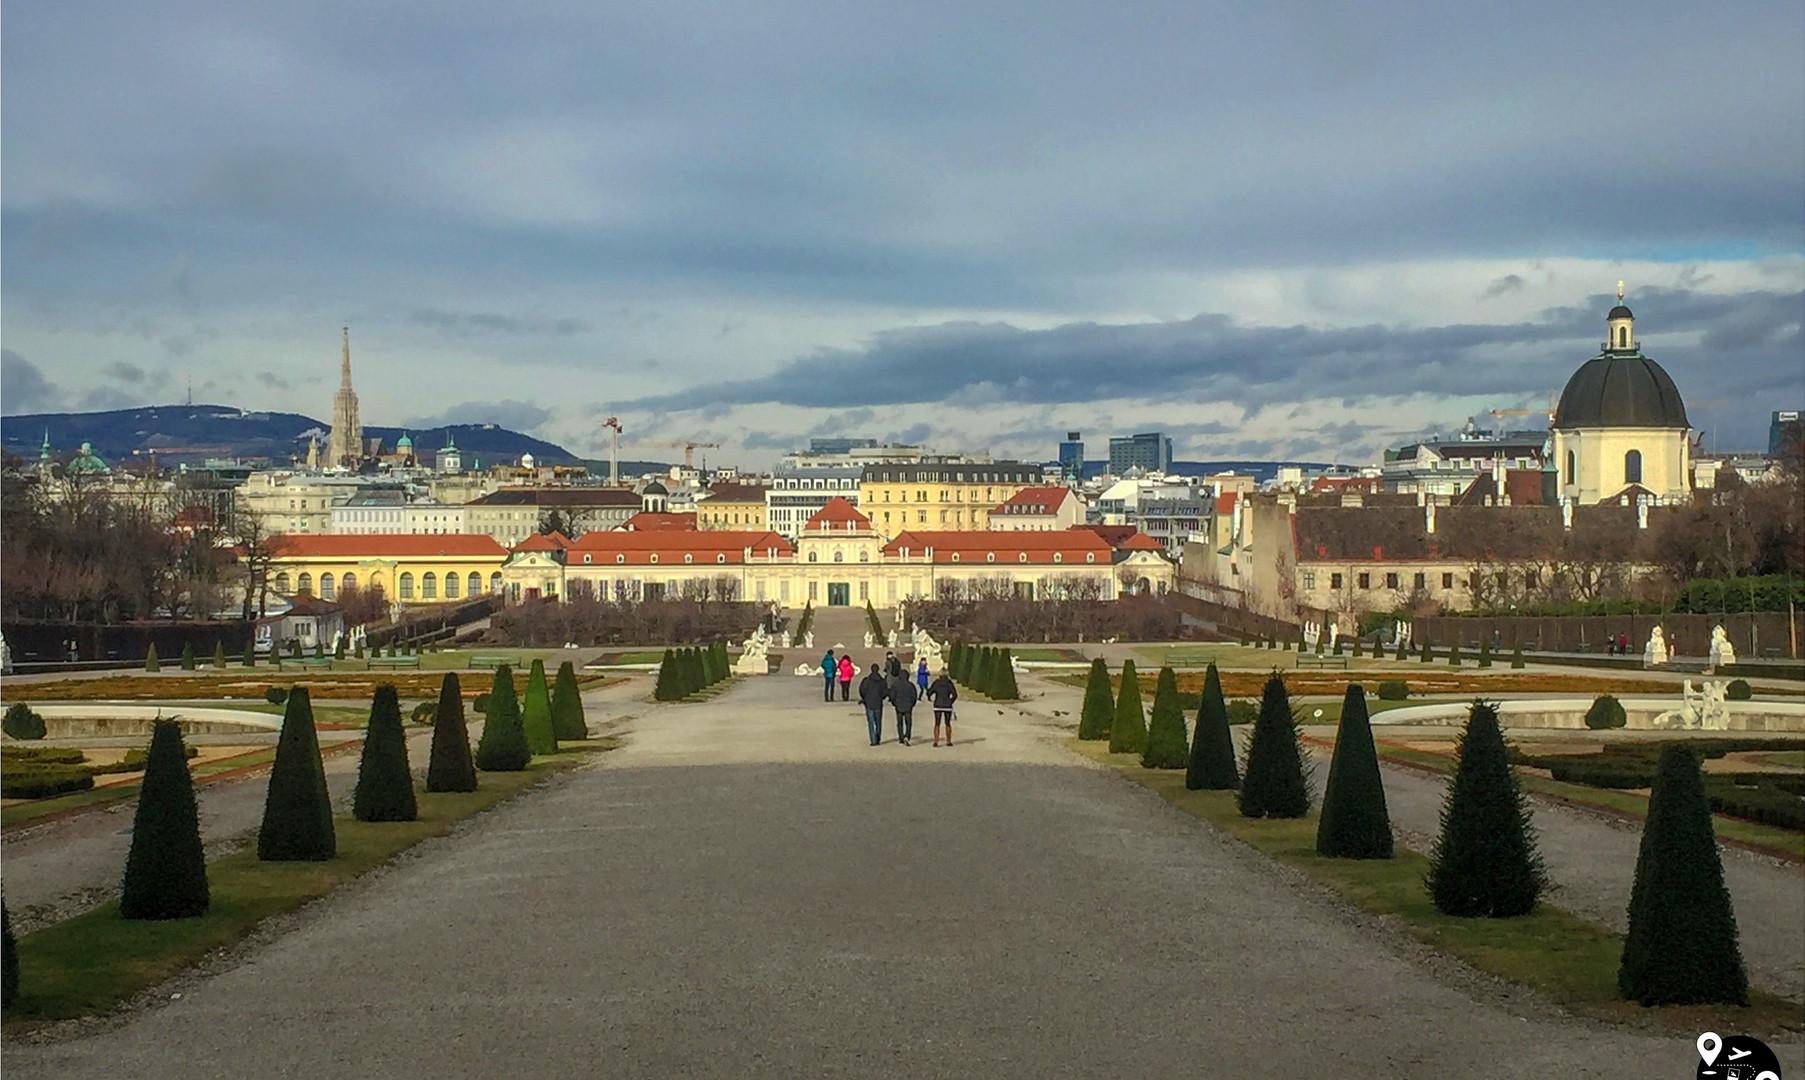 Сады дворца Бельведер, Вена